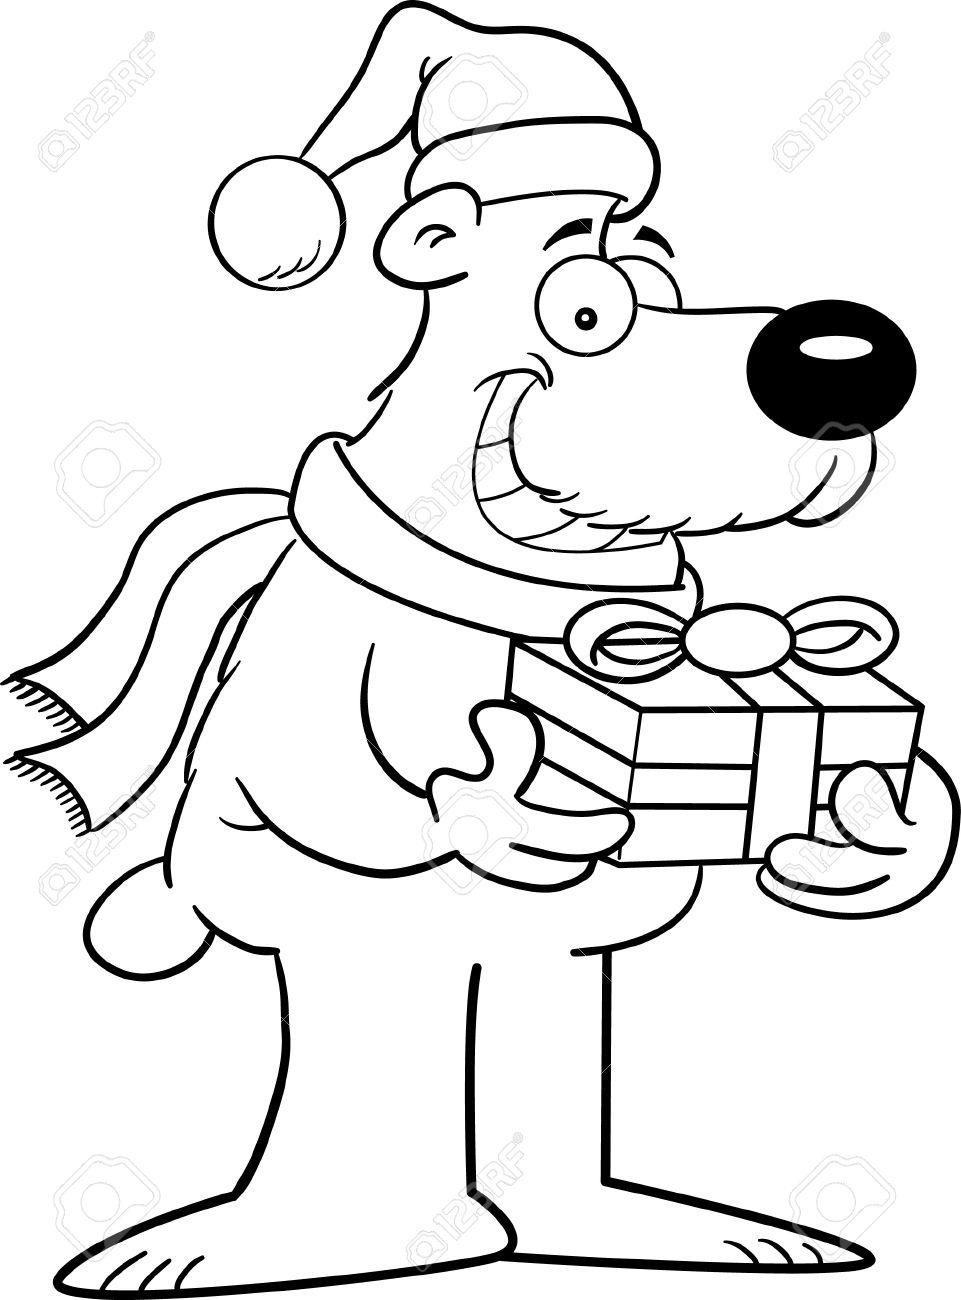 Cartoon Ilustración De Un Oso Polar De Una Página Para Colorear